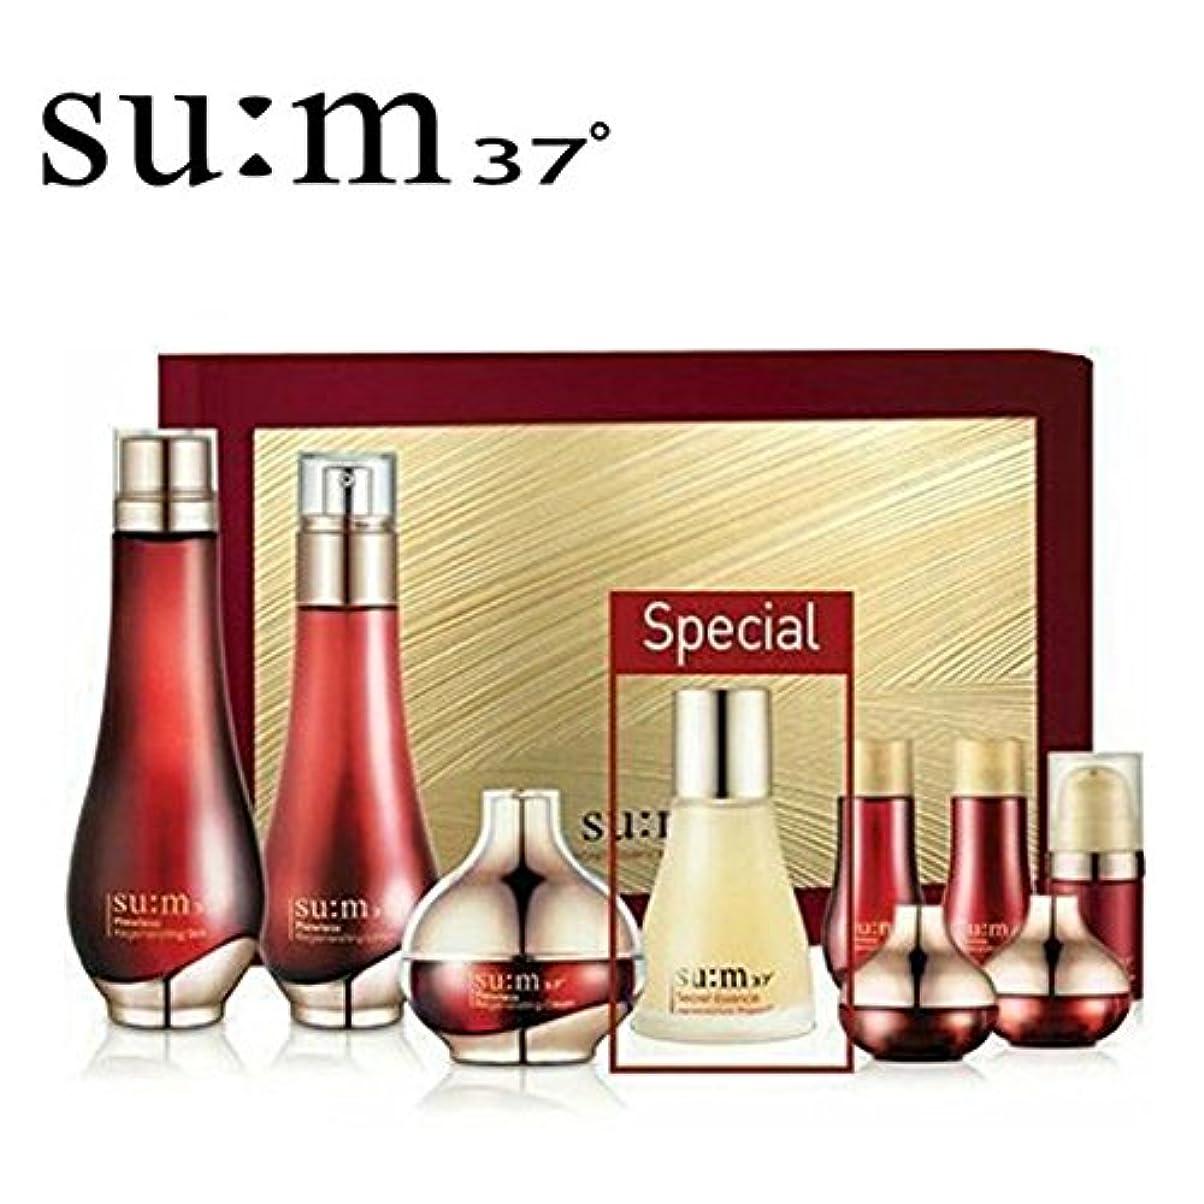 限られた興奮ハック[su:m37/スム37°] SUM37 Flowless Special Set/ sum37 スム37? フローレス 3種 企画セット +[Sample Gift](海外直送品)